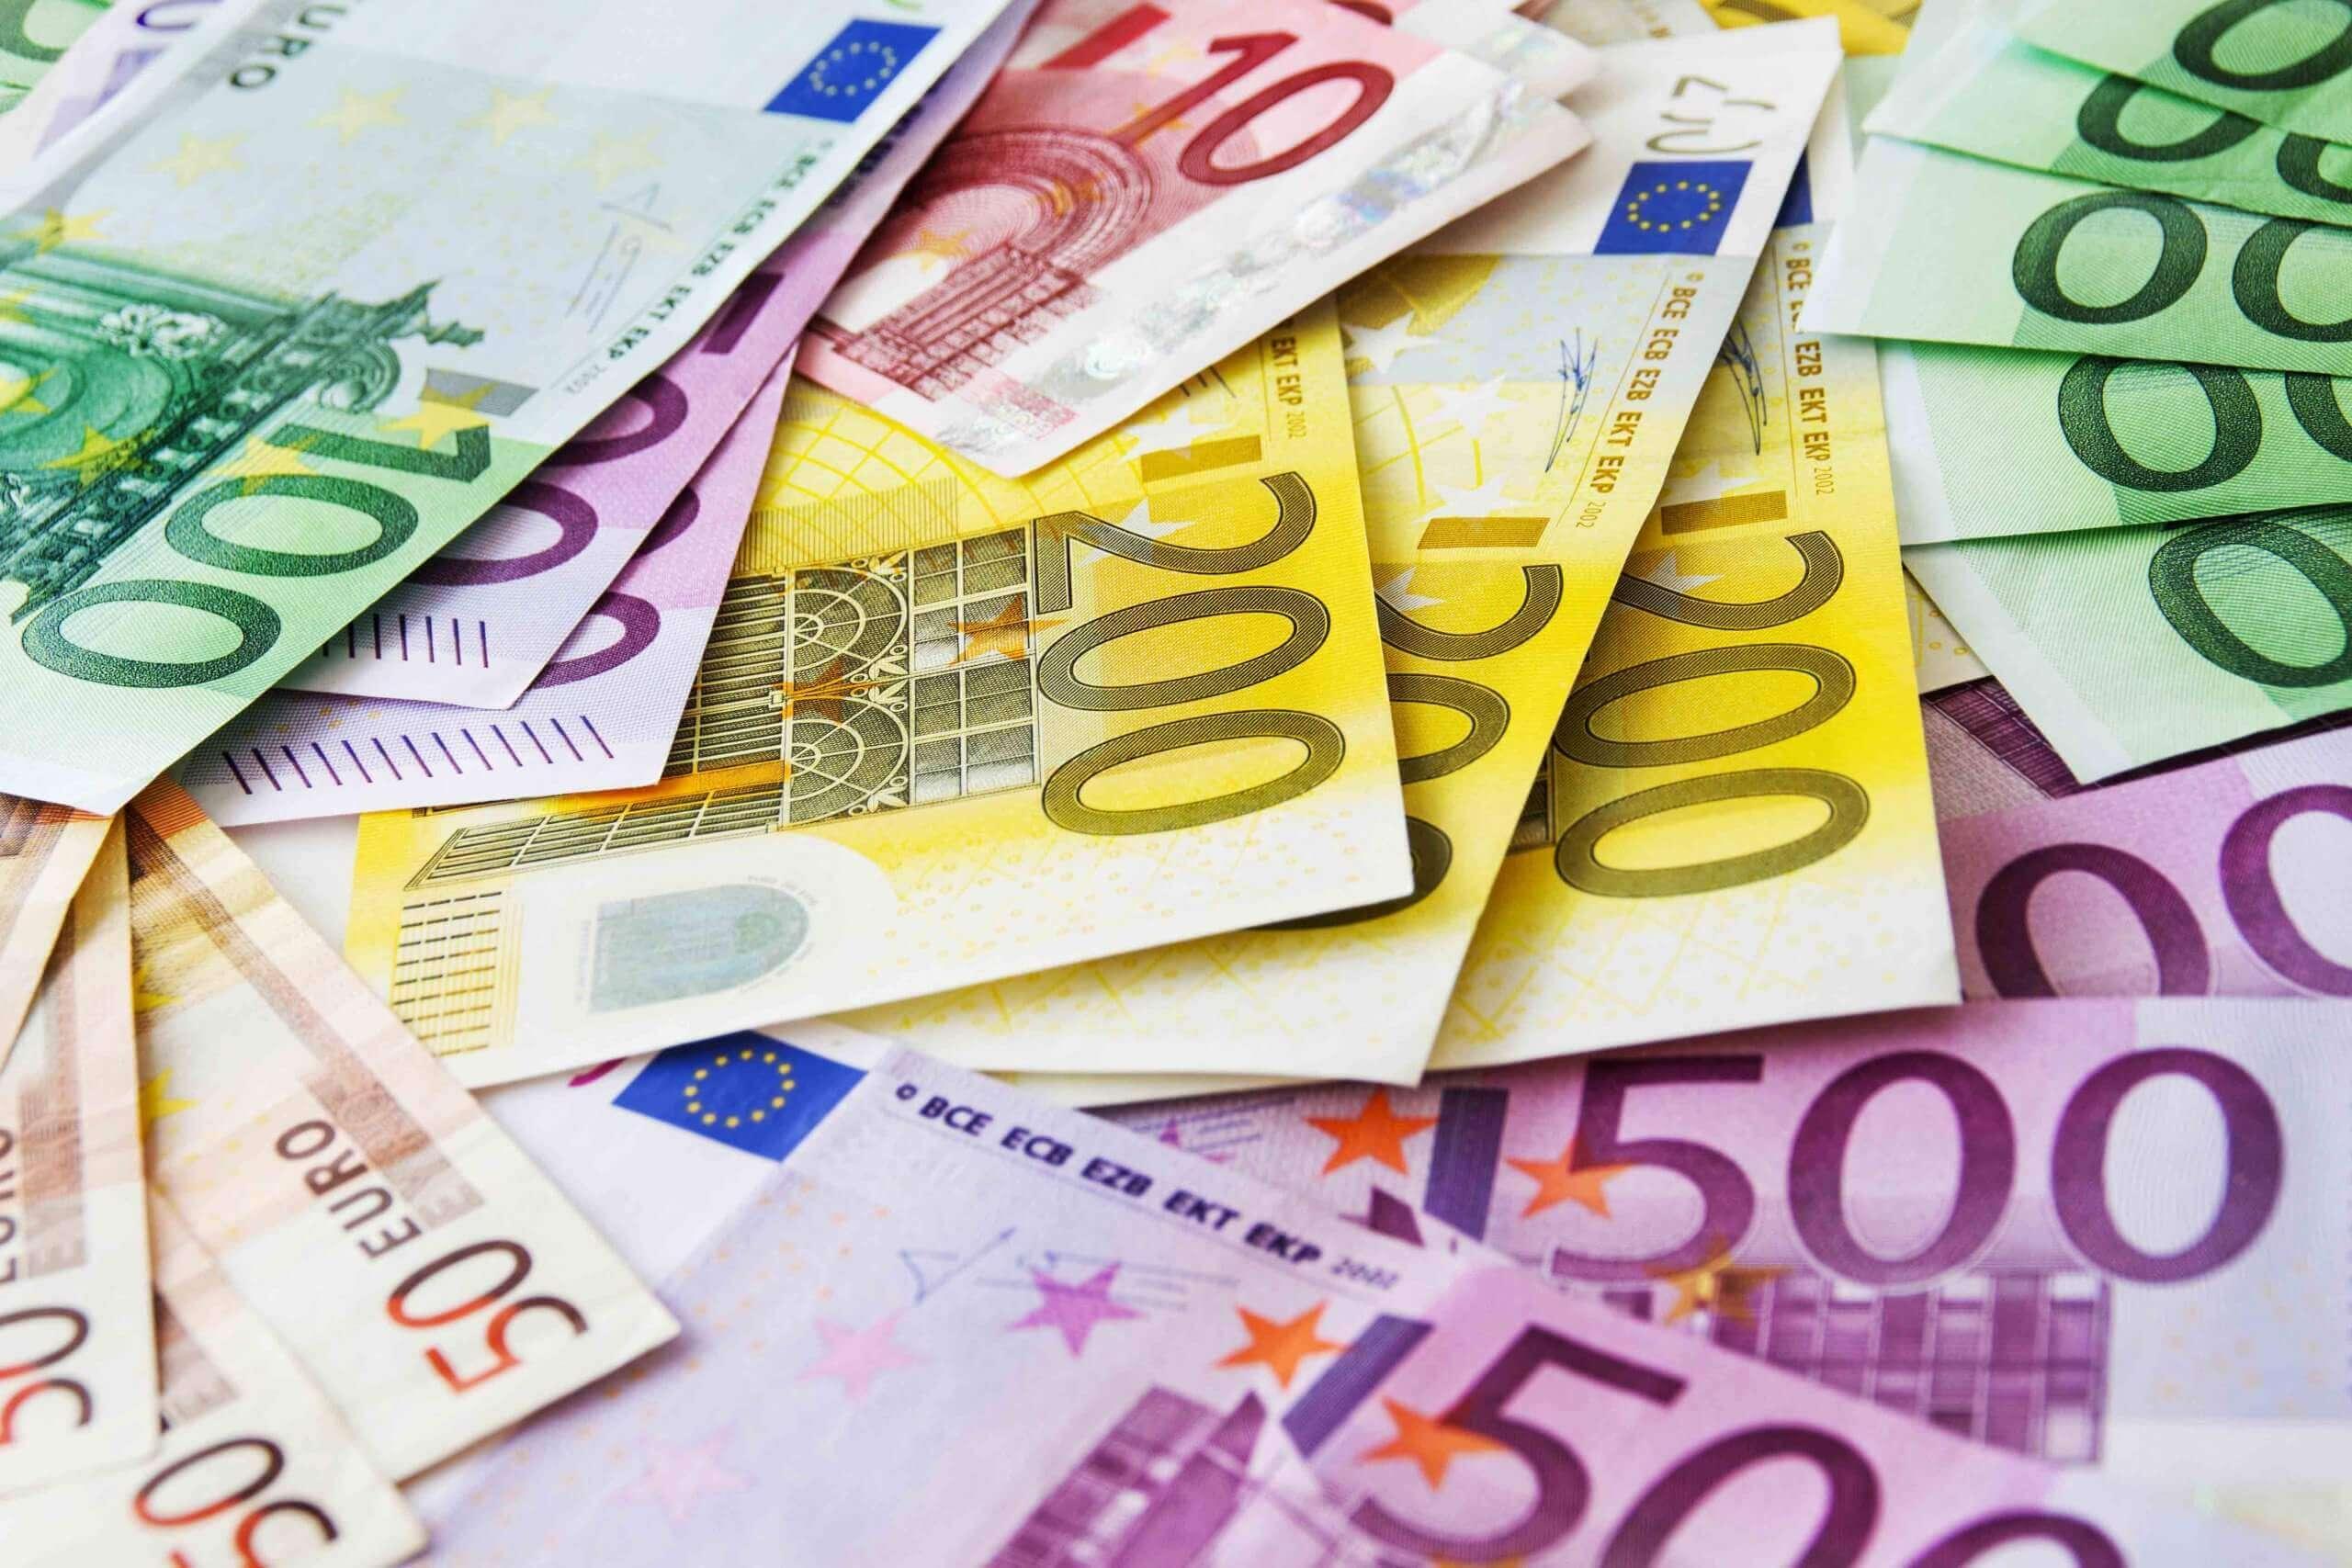 Zerkleinerung von Banknoten und Aktien mit WEIMA Shreddern